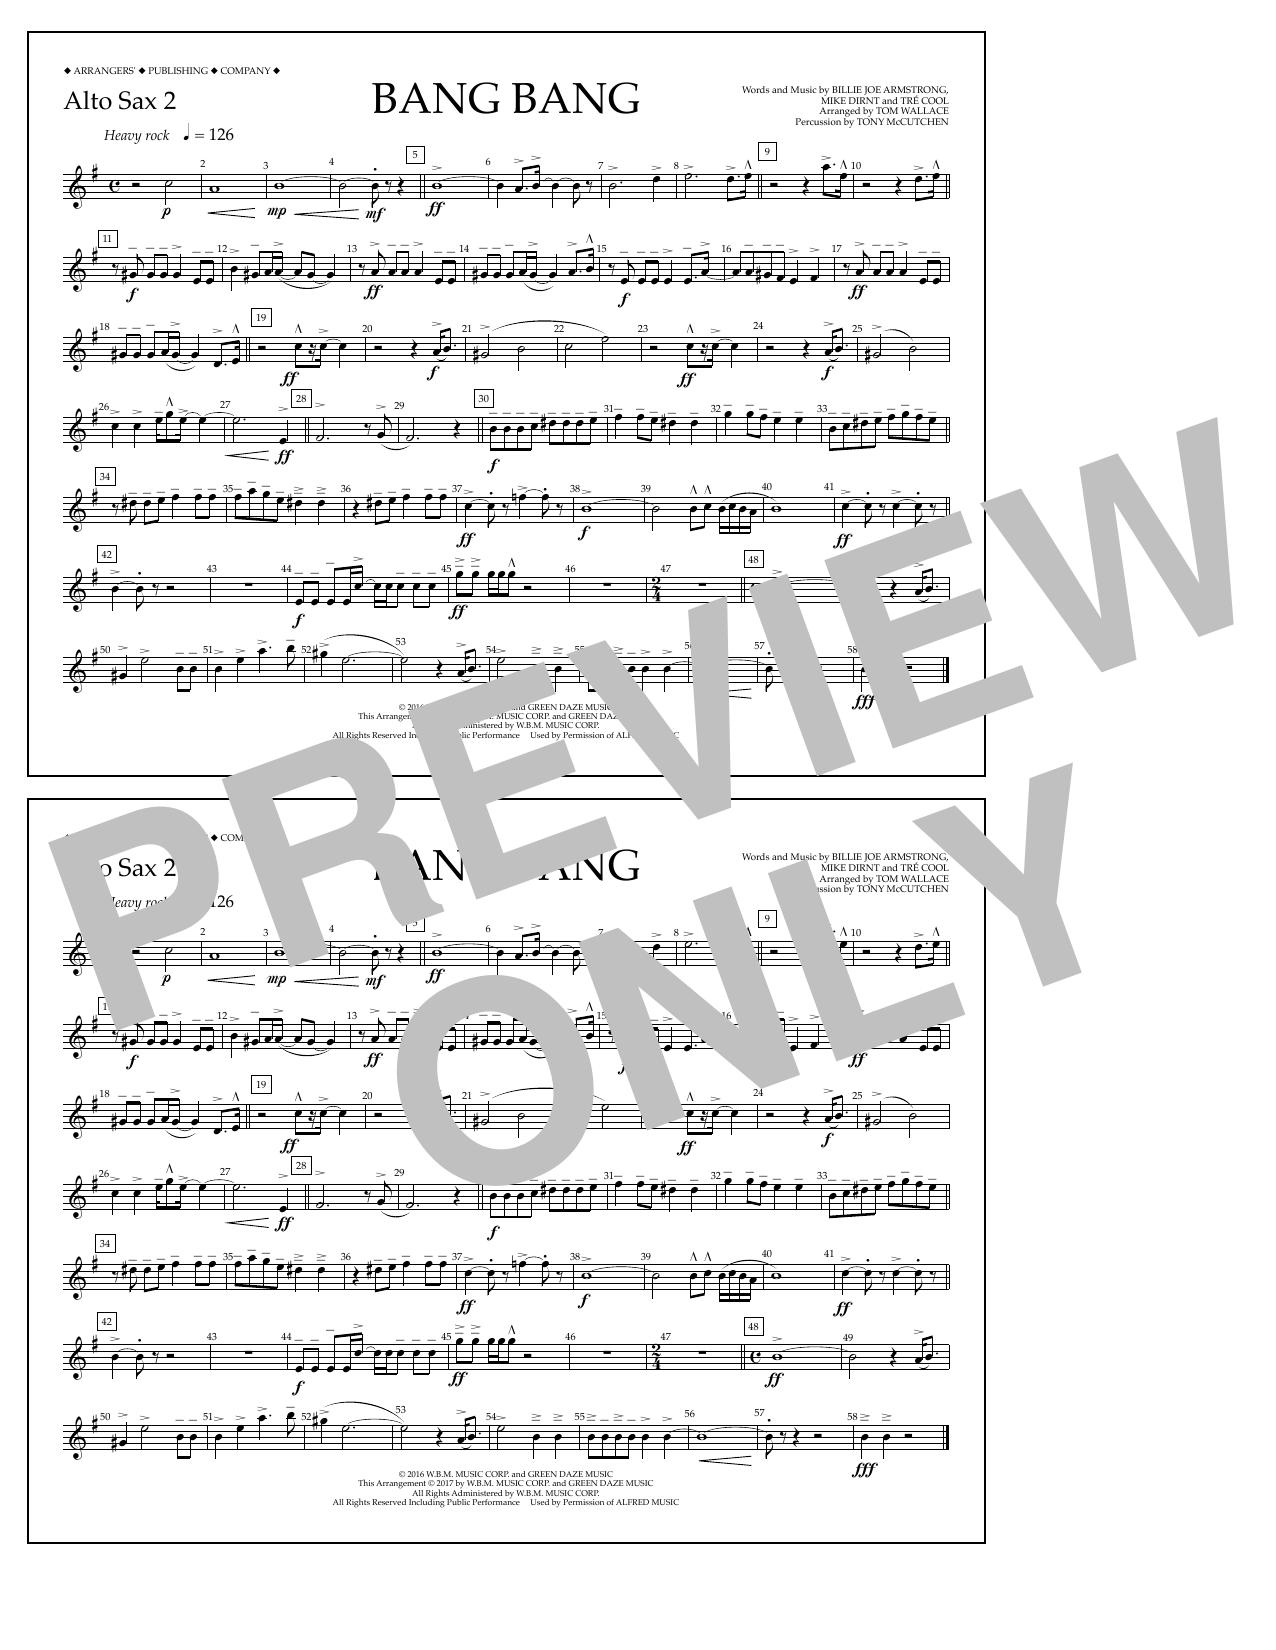 Bang Bang - Alto Sax 2 Sheet Music